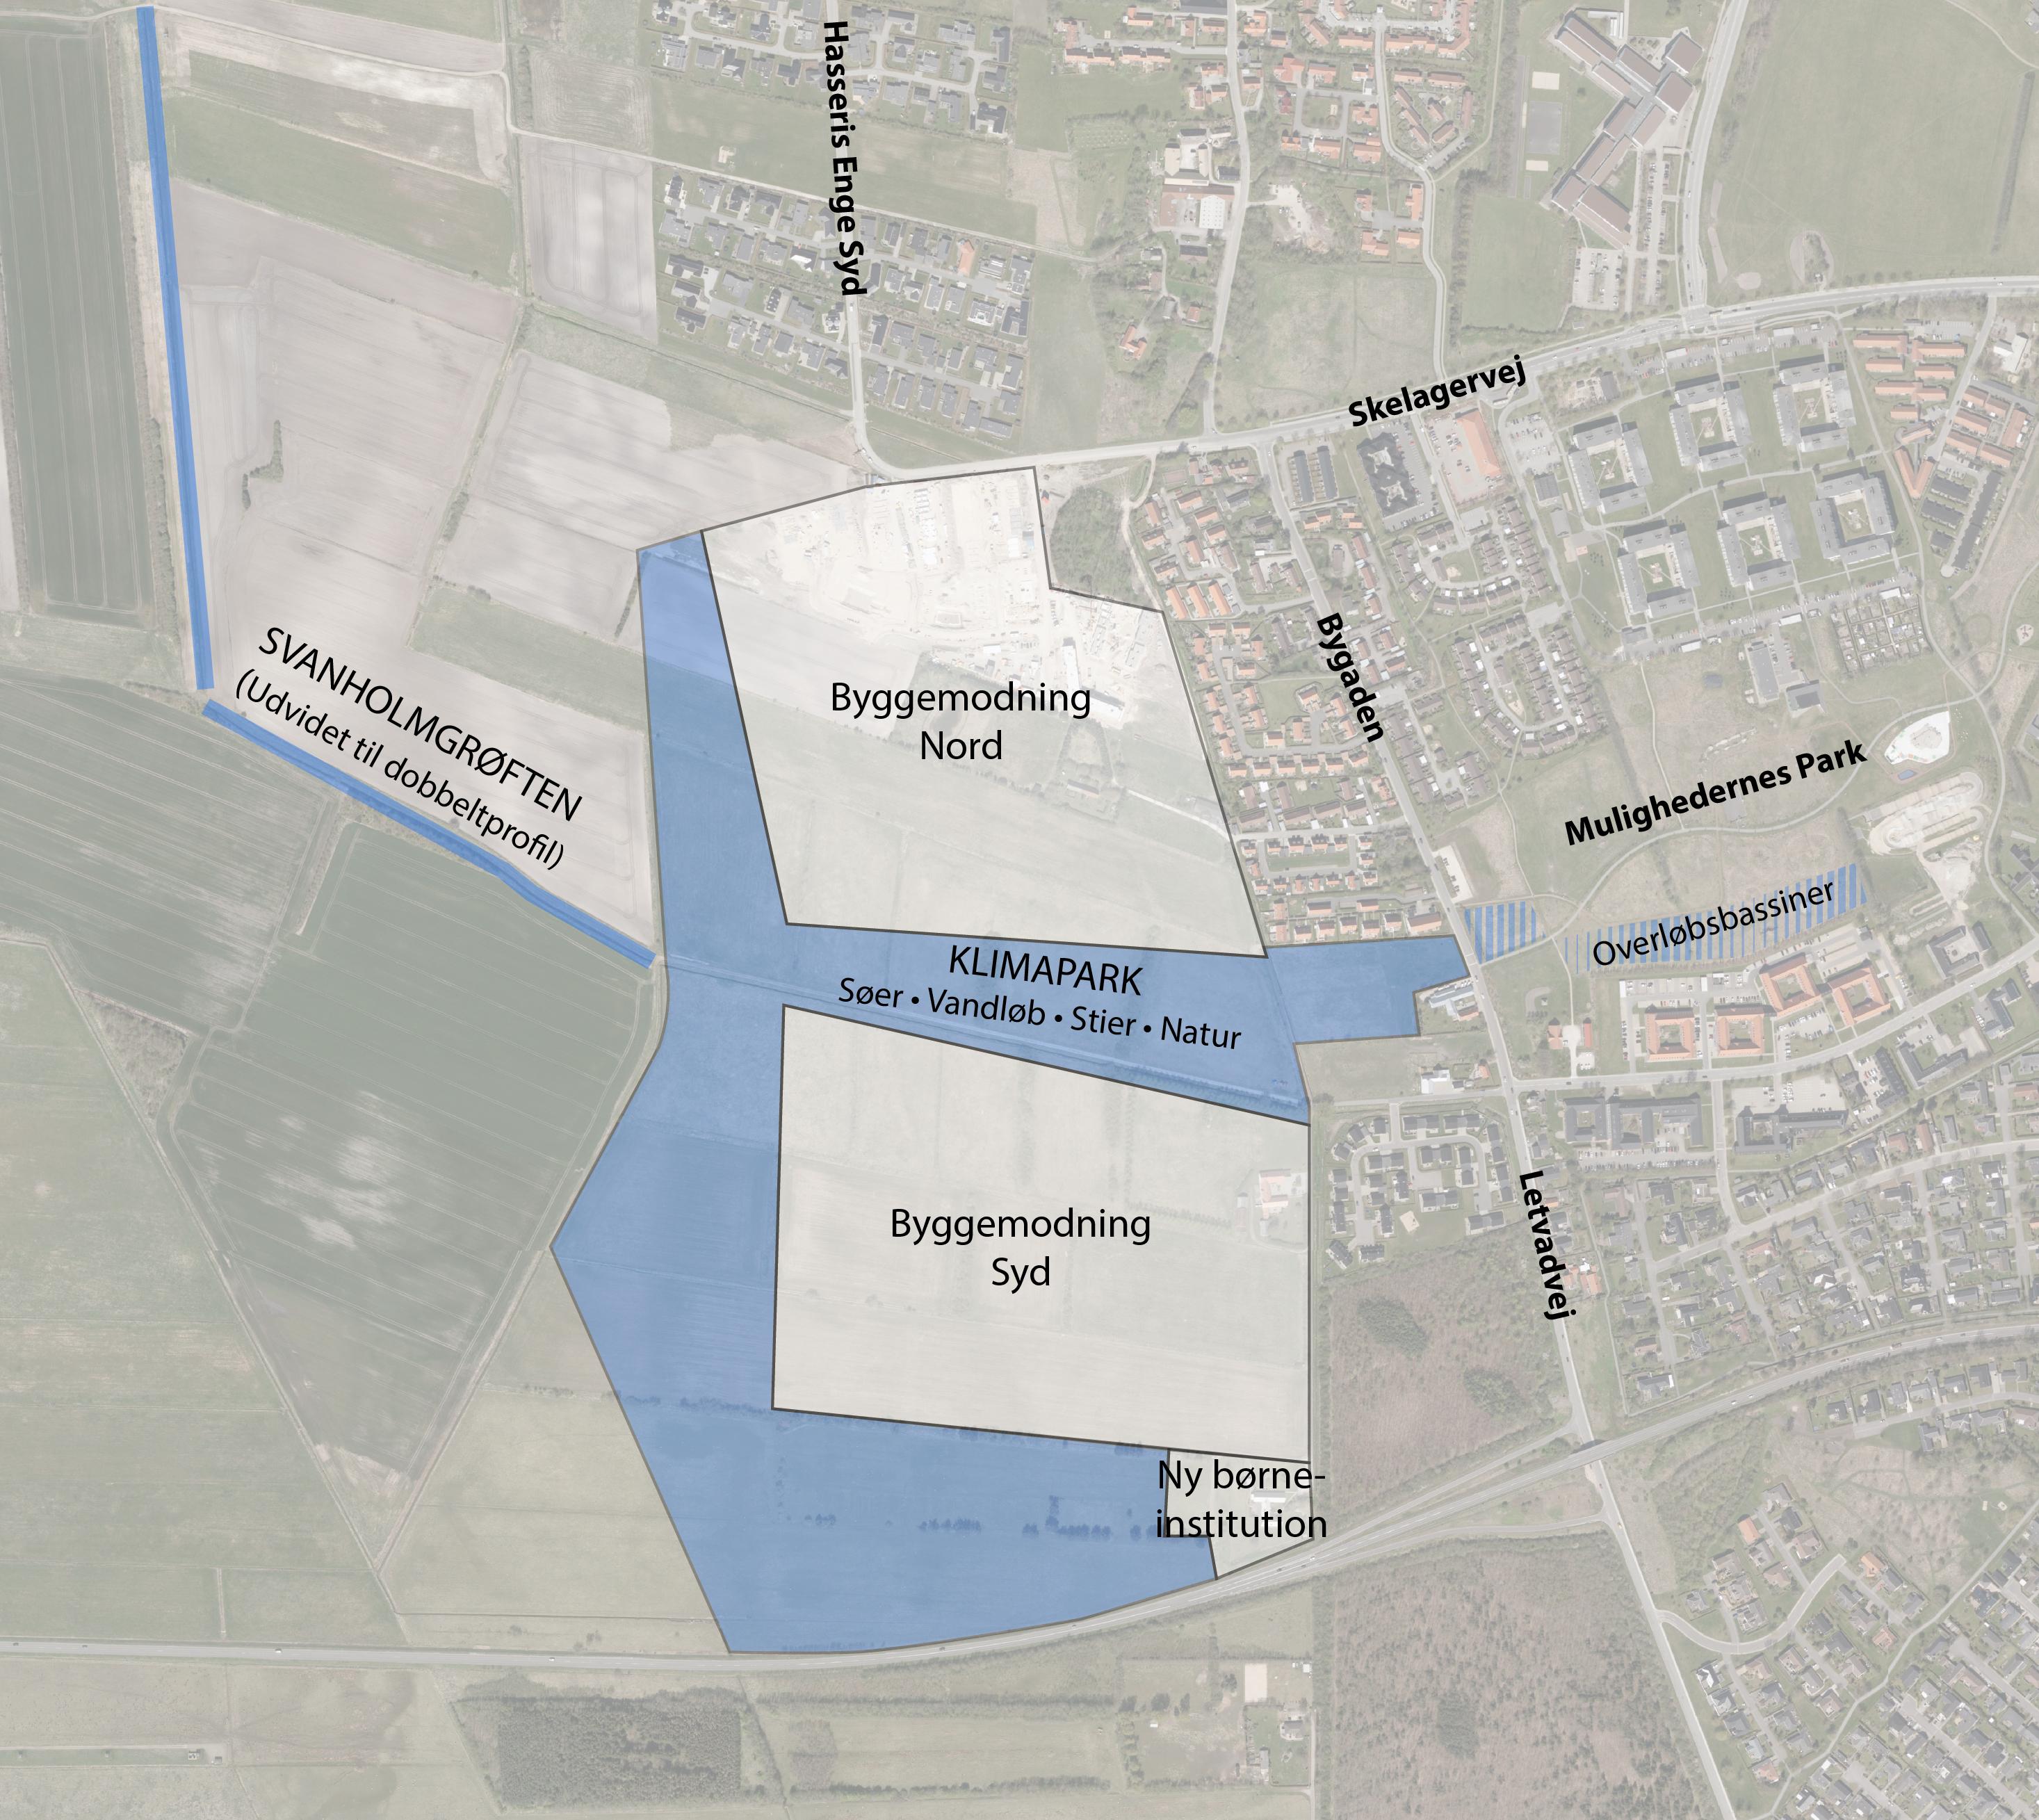 aalborg kommune forsyning